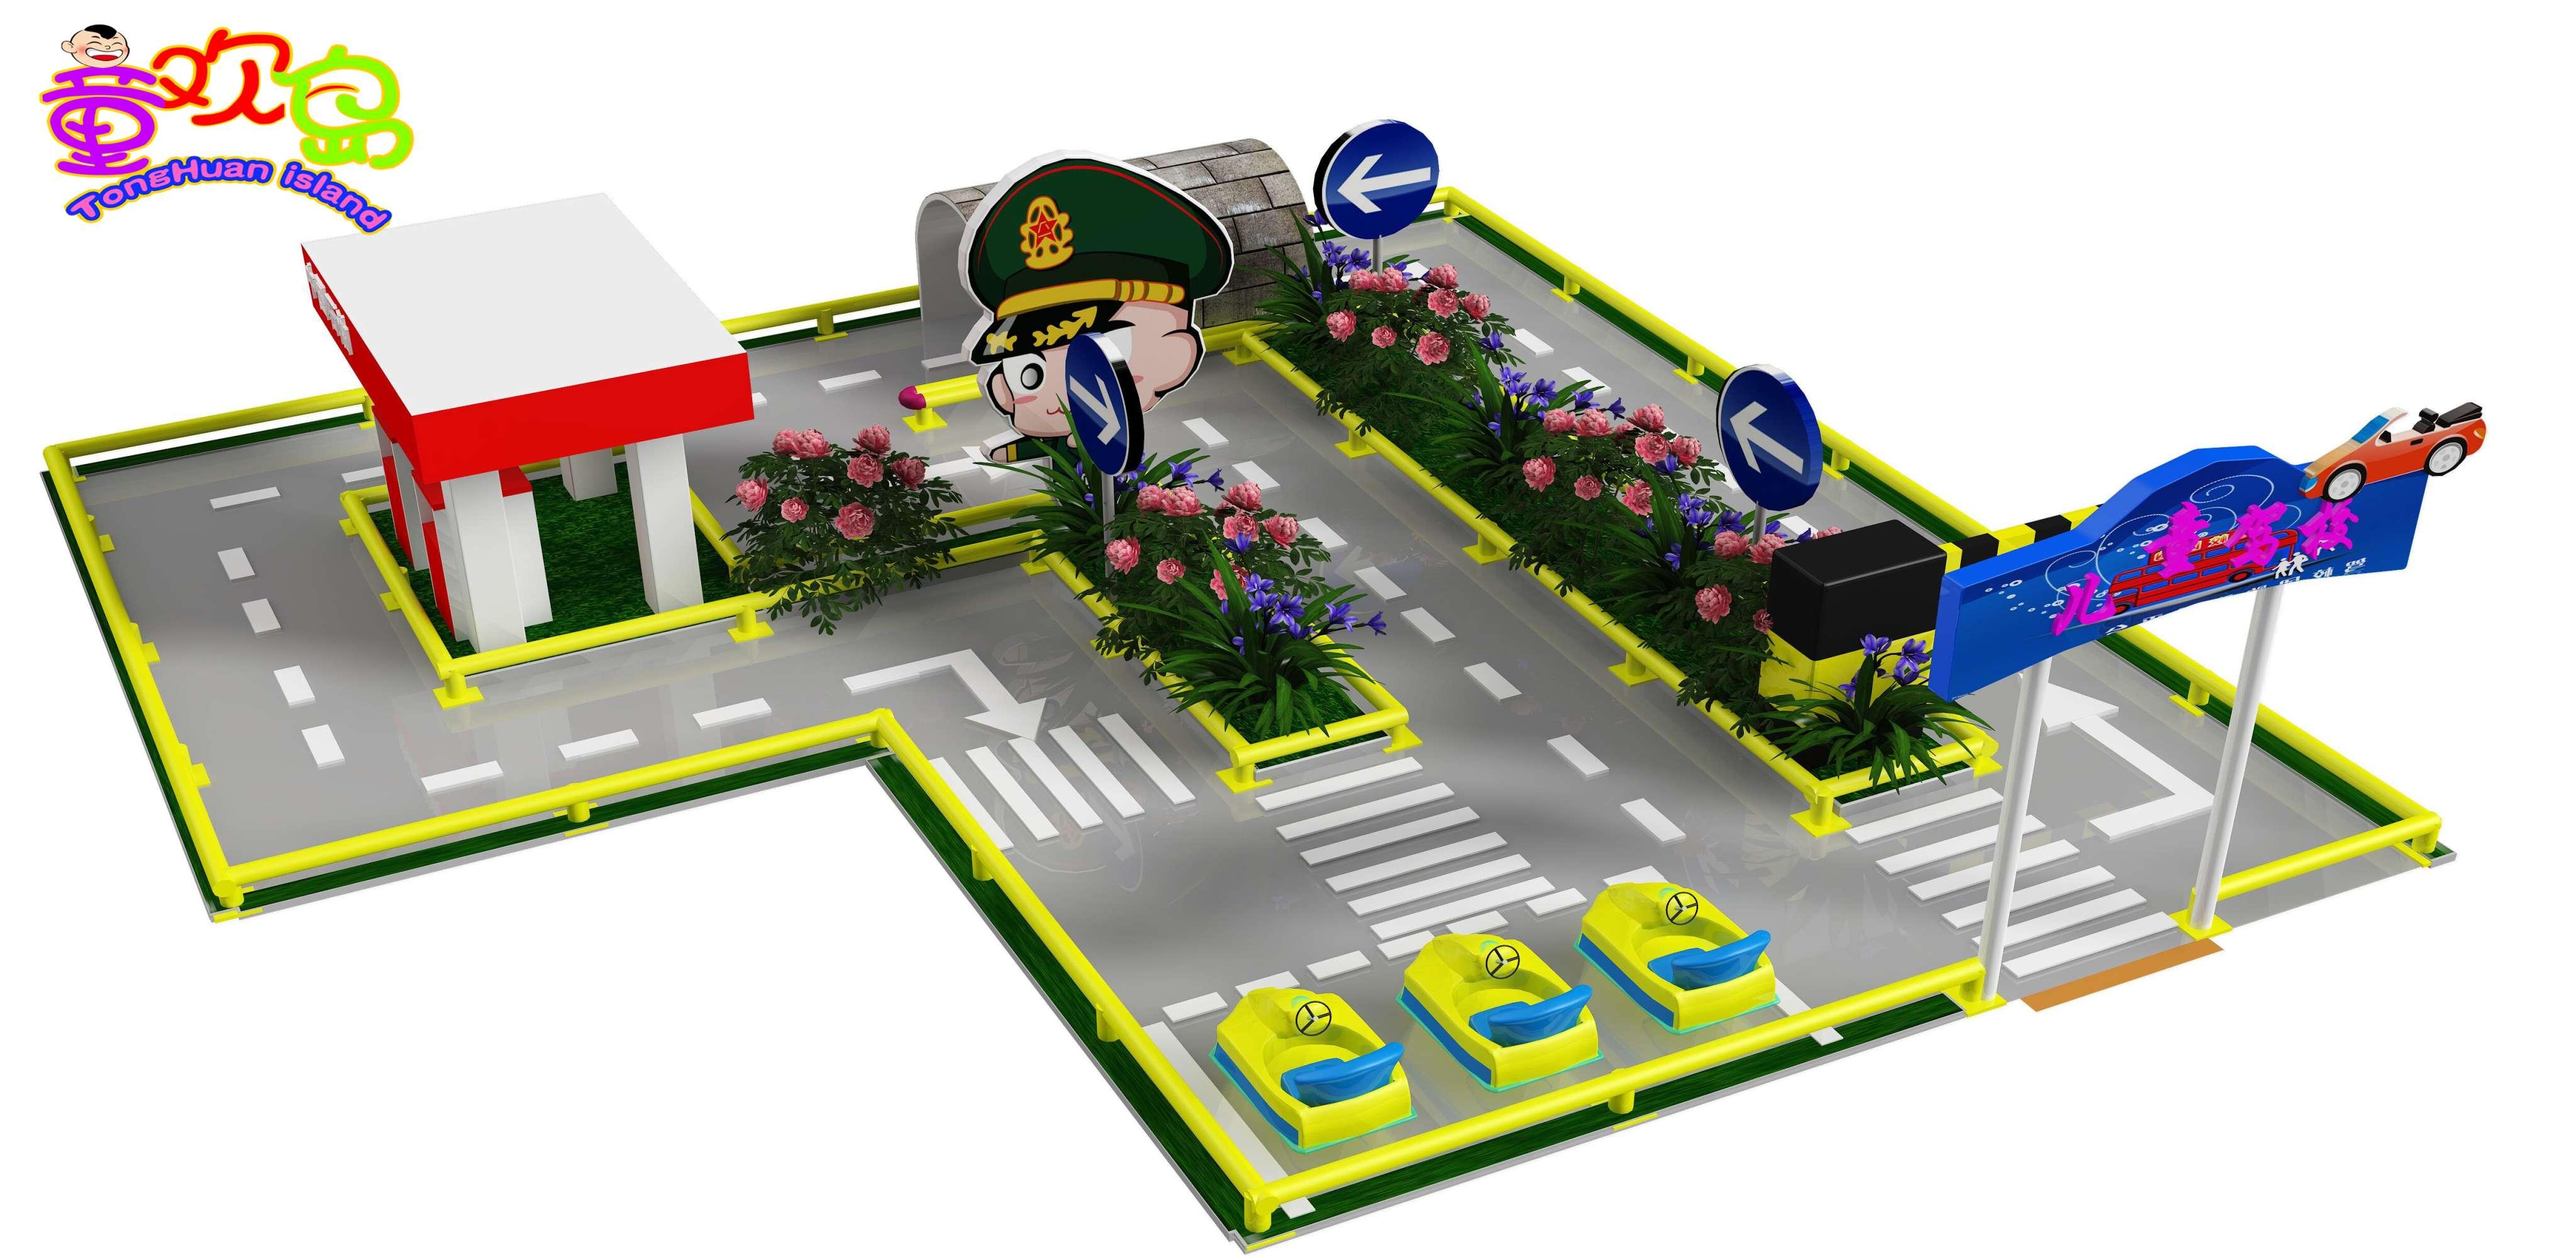 驾校设计图俯视平面